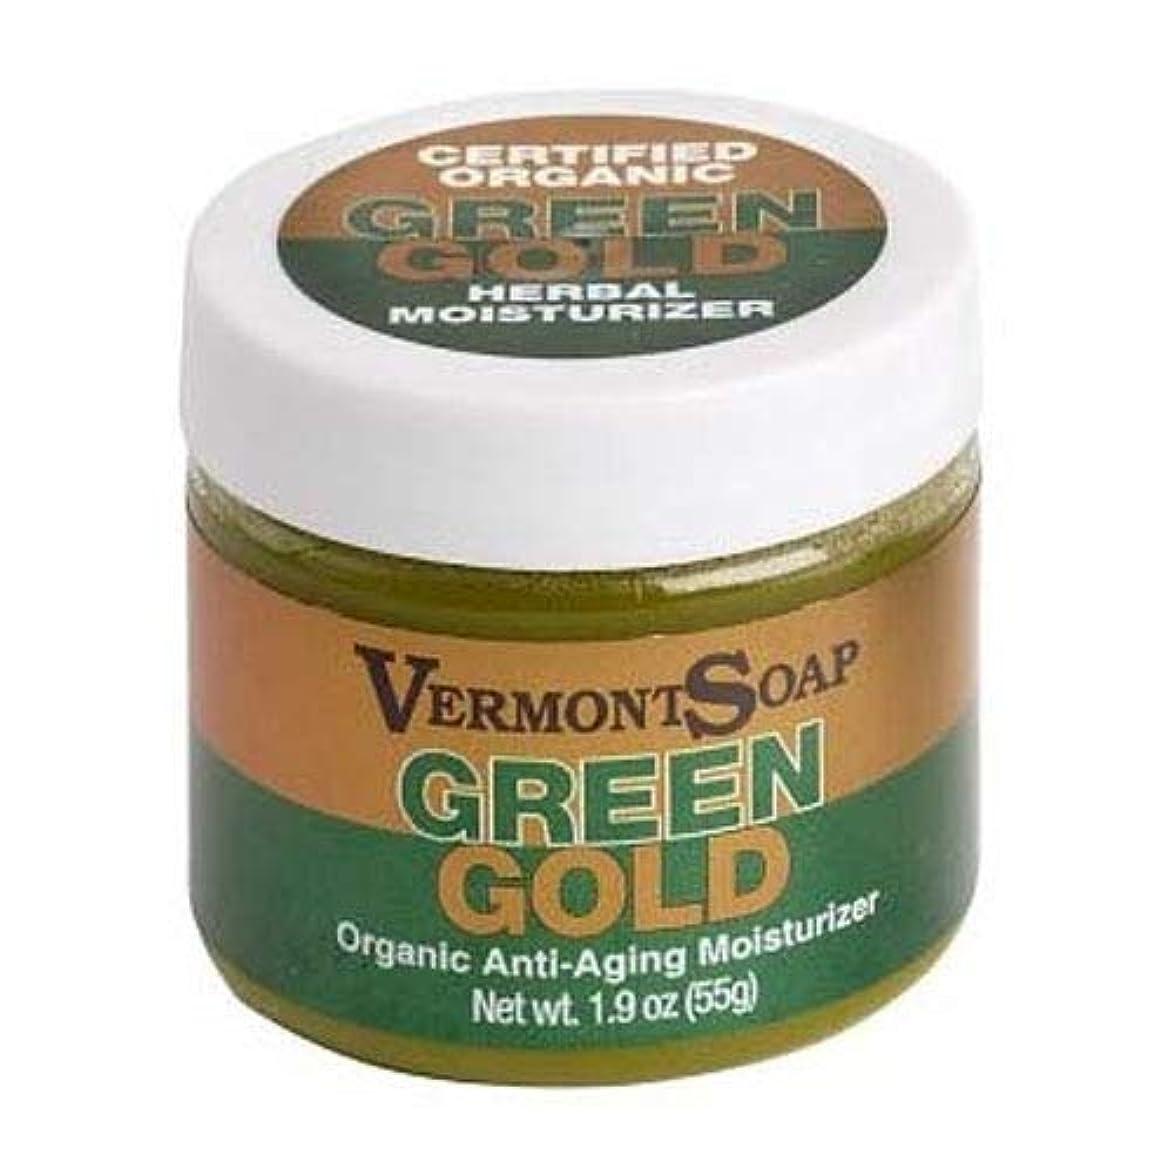 チームインタネットを見る保守可能VermontSoap バーモントソープ グリーンゴールド ORGANIC MOISTURIZER GREEN GOLD (ほのかなラベンダー, (L) 55g)